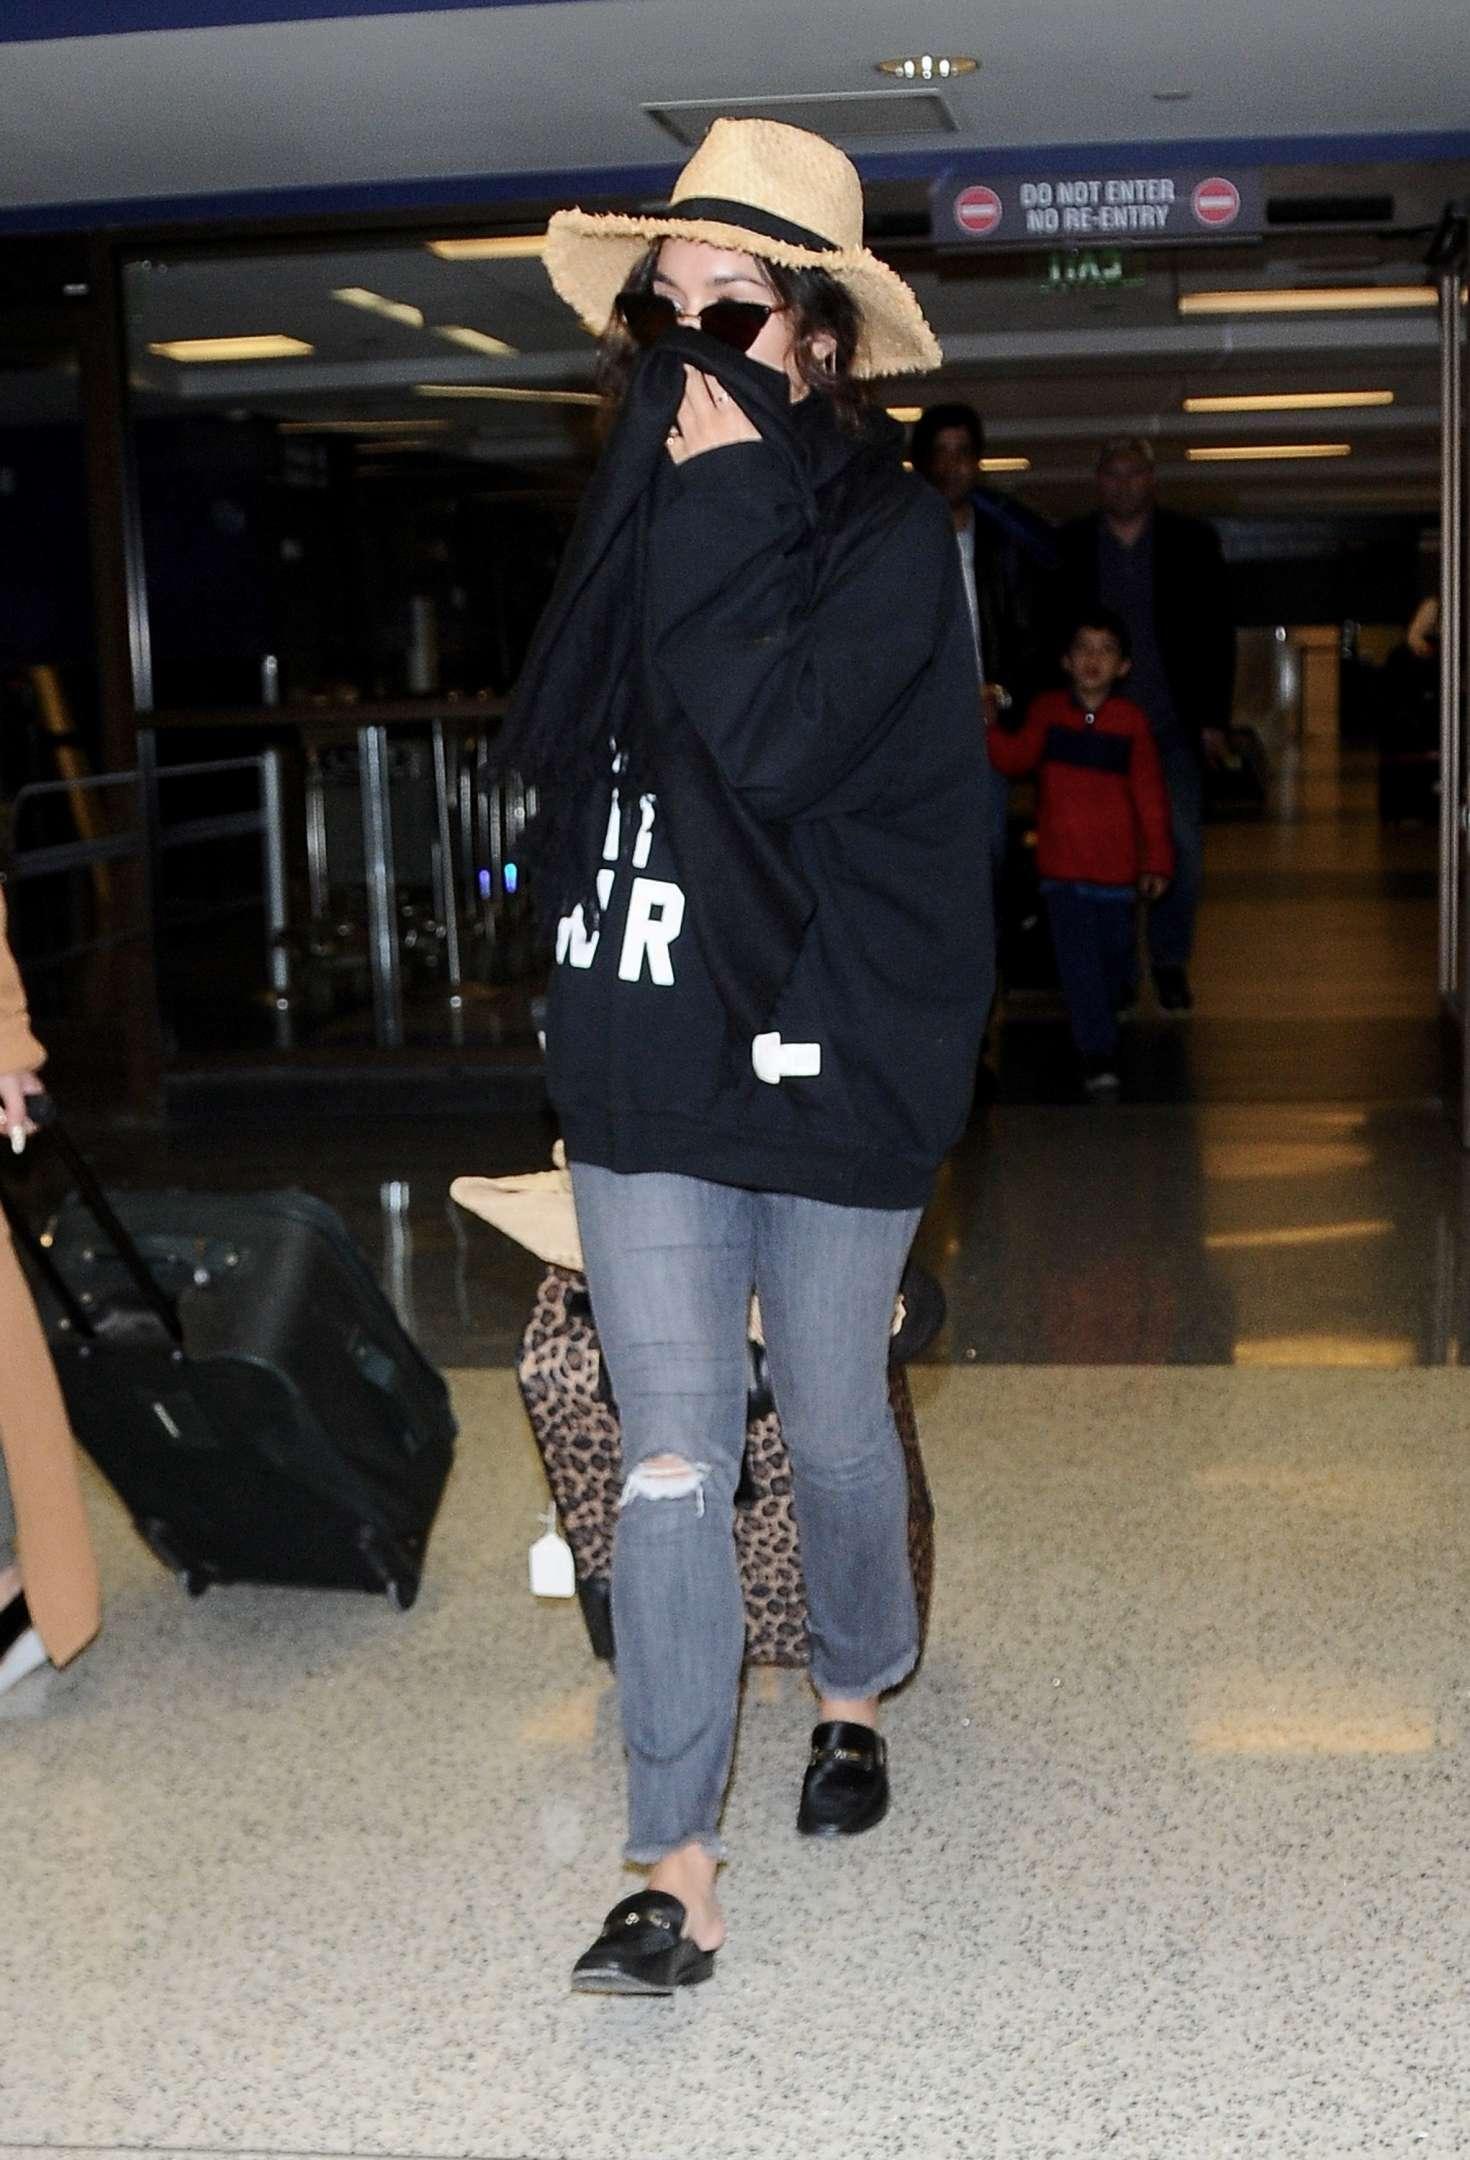 Vanessa Hudgens 2017 : Vanessa Hudgens in Jeans at LAX airport -05